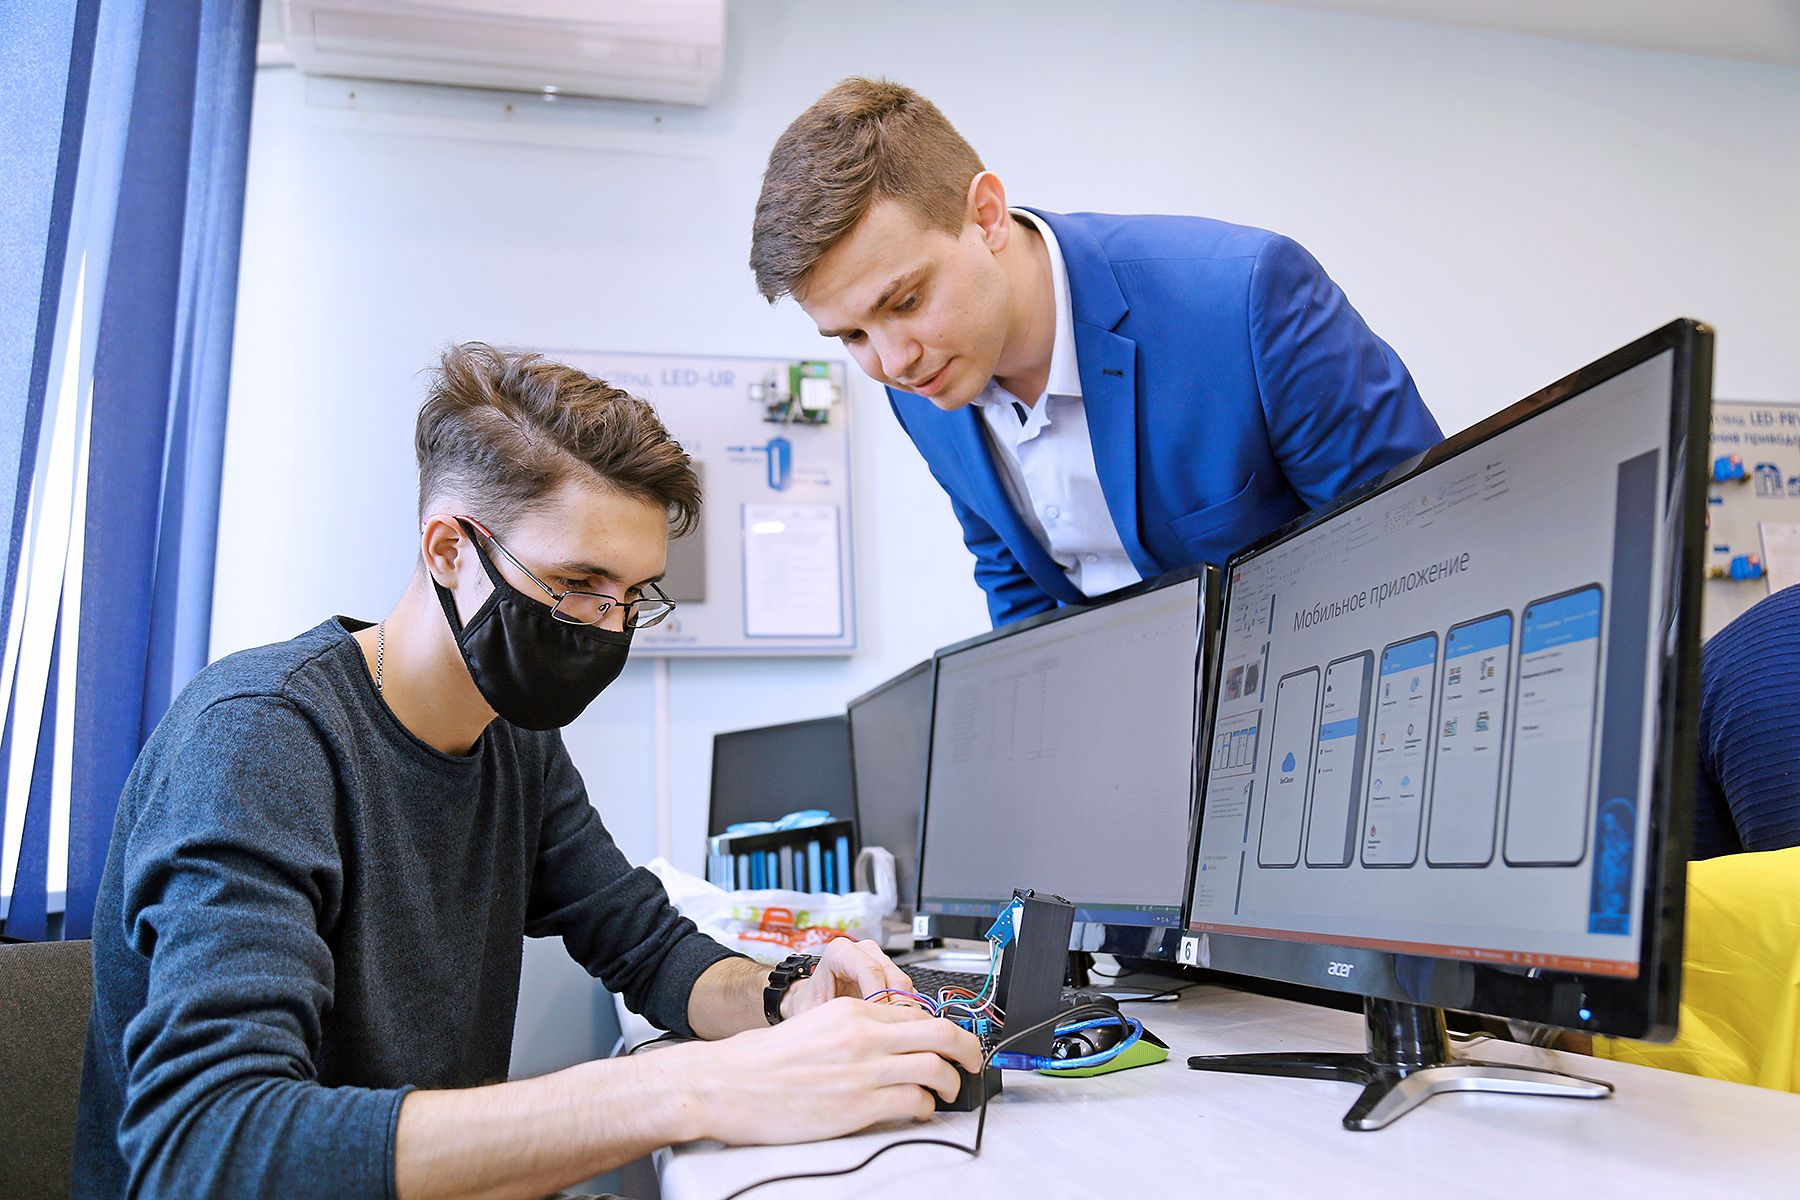 Интернет вещей на IT-вышке. Новые проекты студентов и сотрудников.